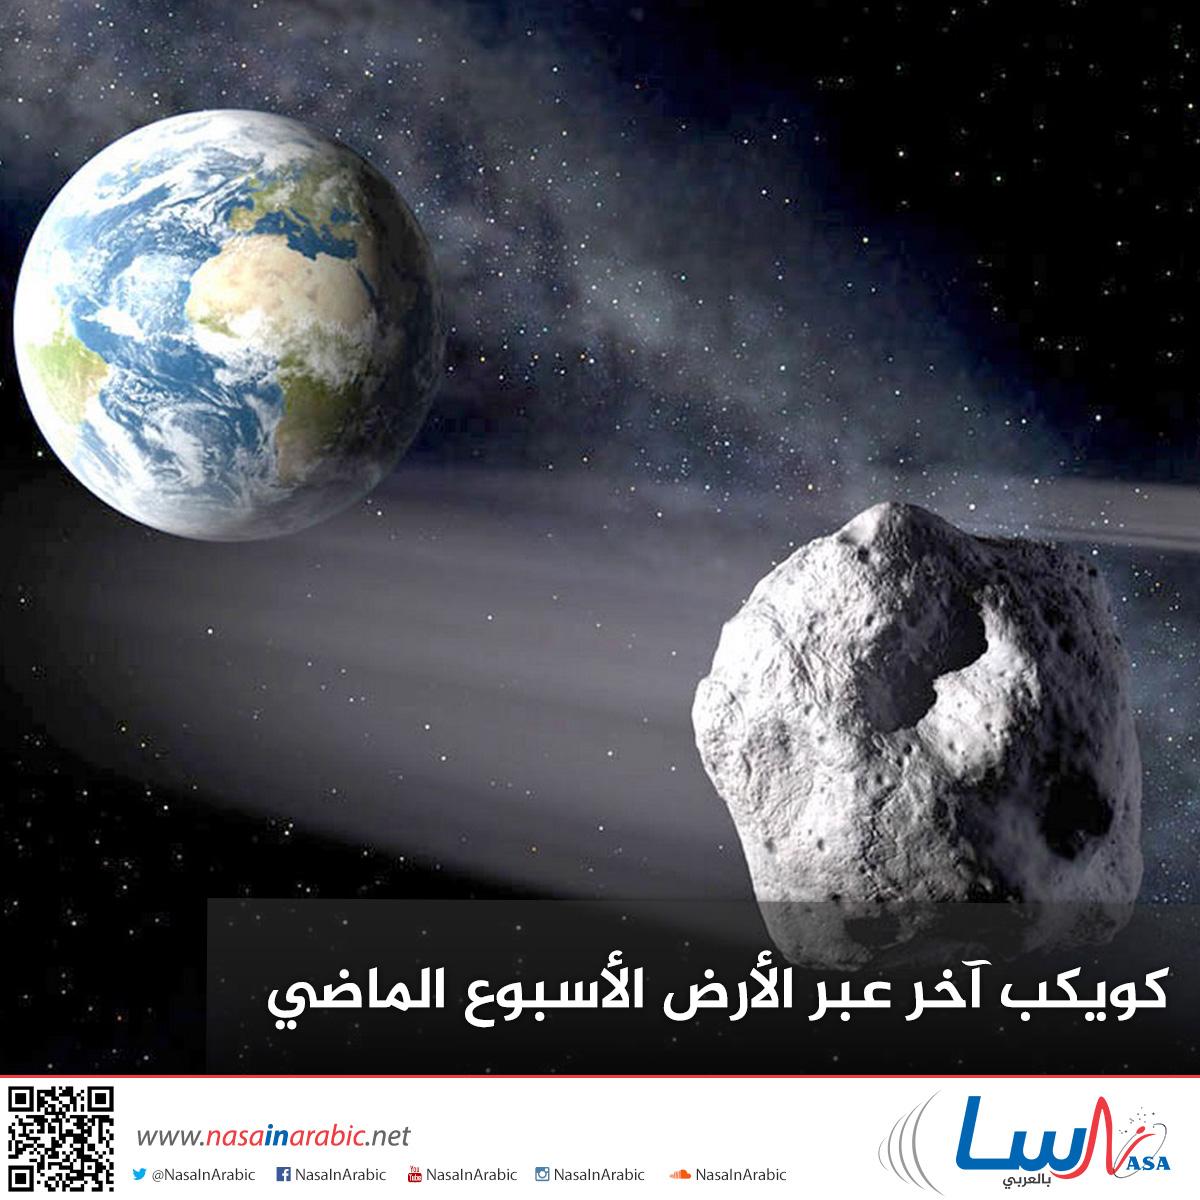 كويكب آخر عبَر الأرض الأسبوع الماضي